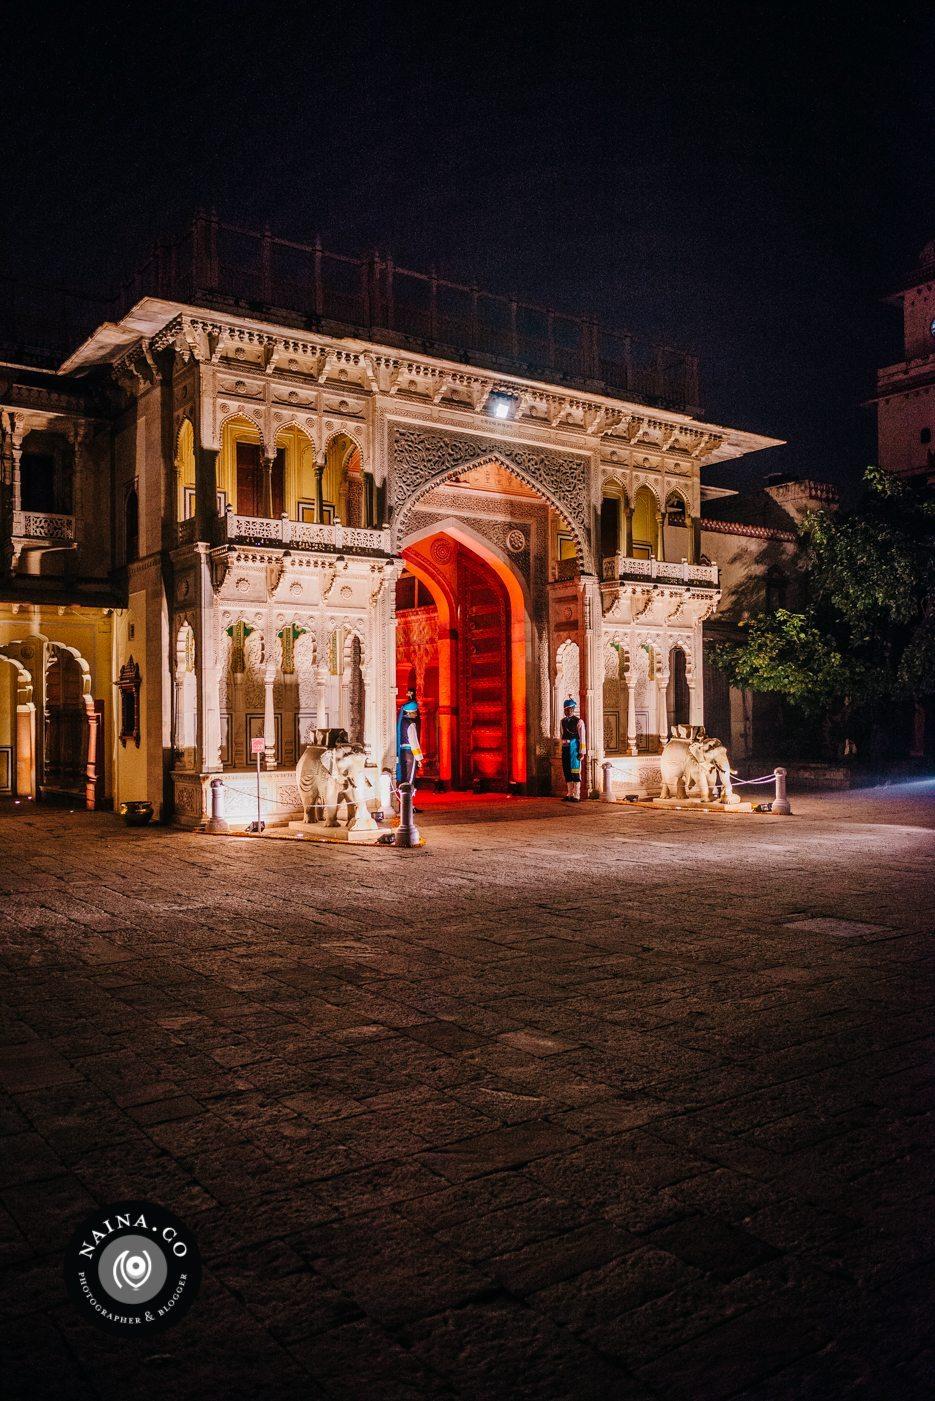 Naina.co-Raconteuse-Visuelle-Photographer-Blogger-Storyteller-Luxury-Lifestyle-January-2015-St.Regis-Polo-City-Palace-Jaipur-Maharaja